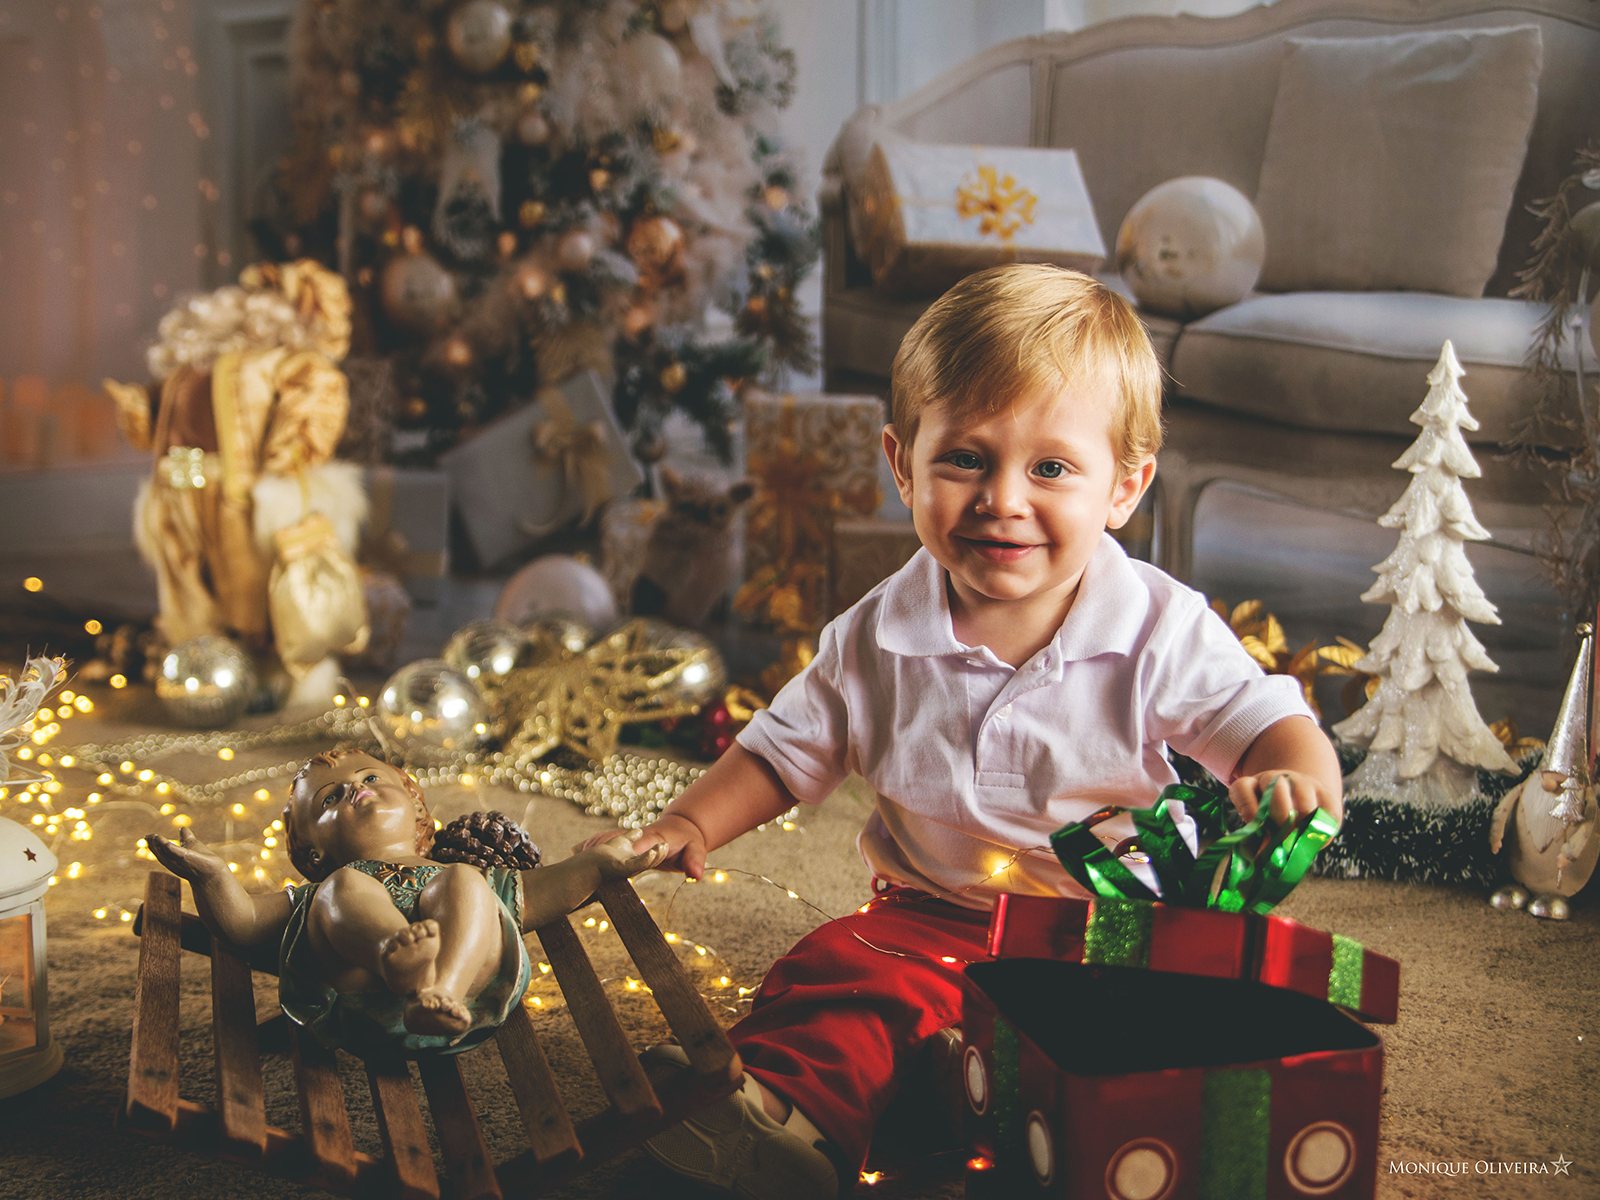 O que ensinar aos nossos filhos pequenos sobre o Papai Noel?